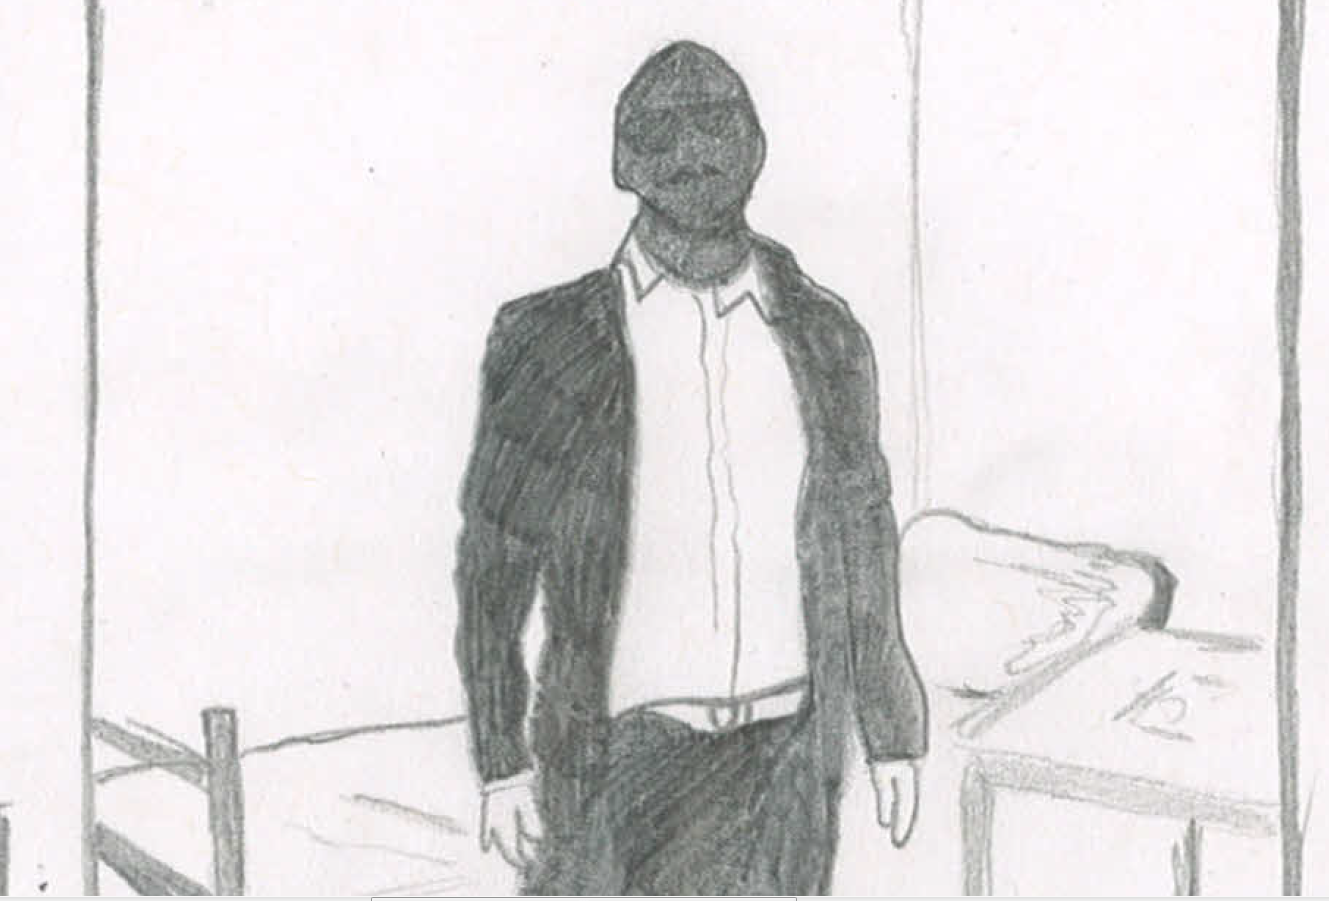 Amanuel, de kamergenoot van Mekonen